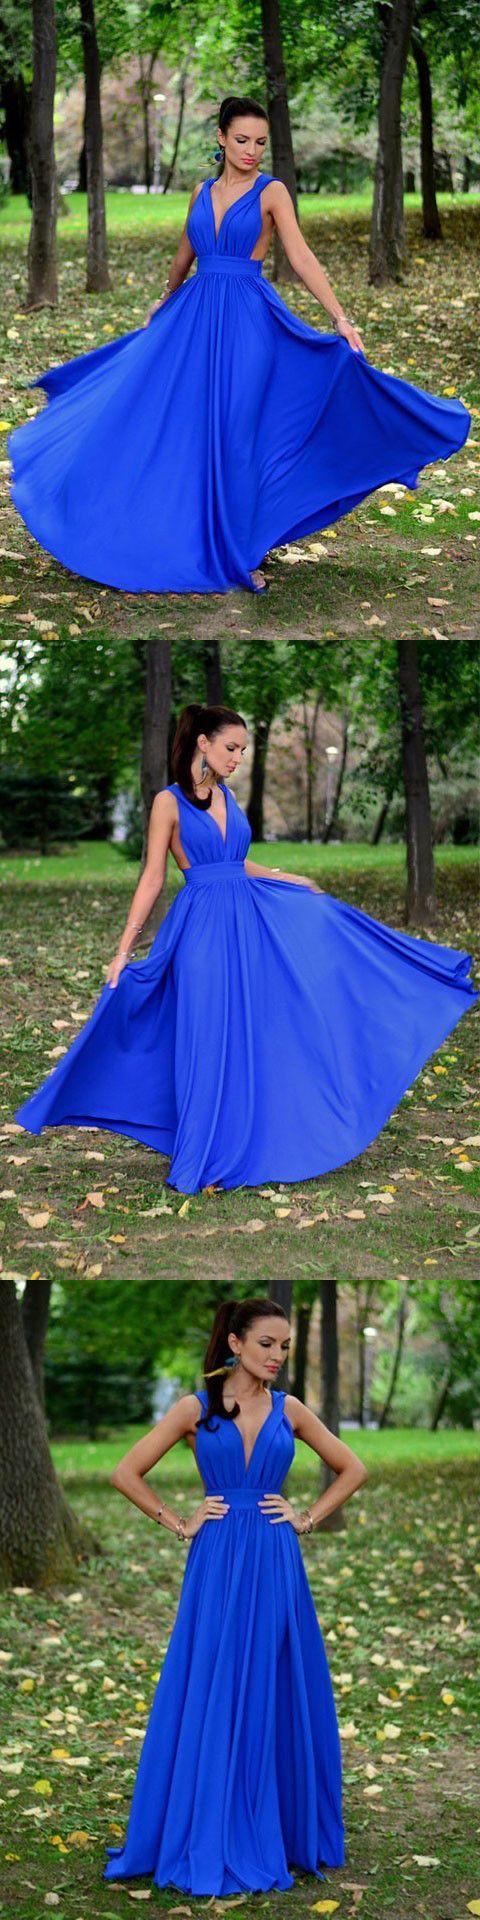 Chic a line chiffon prom dress modest beautiful cheap long prom